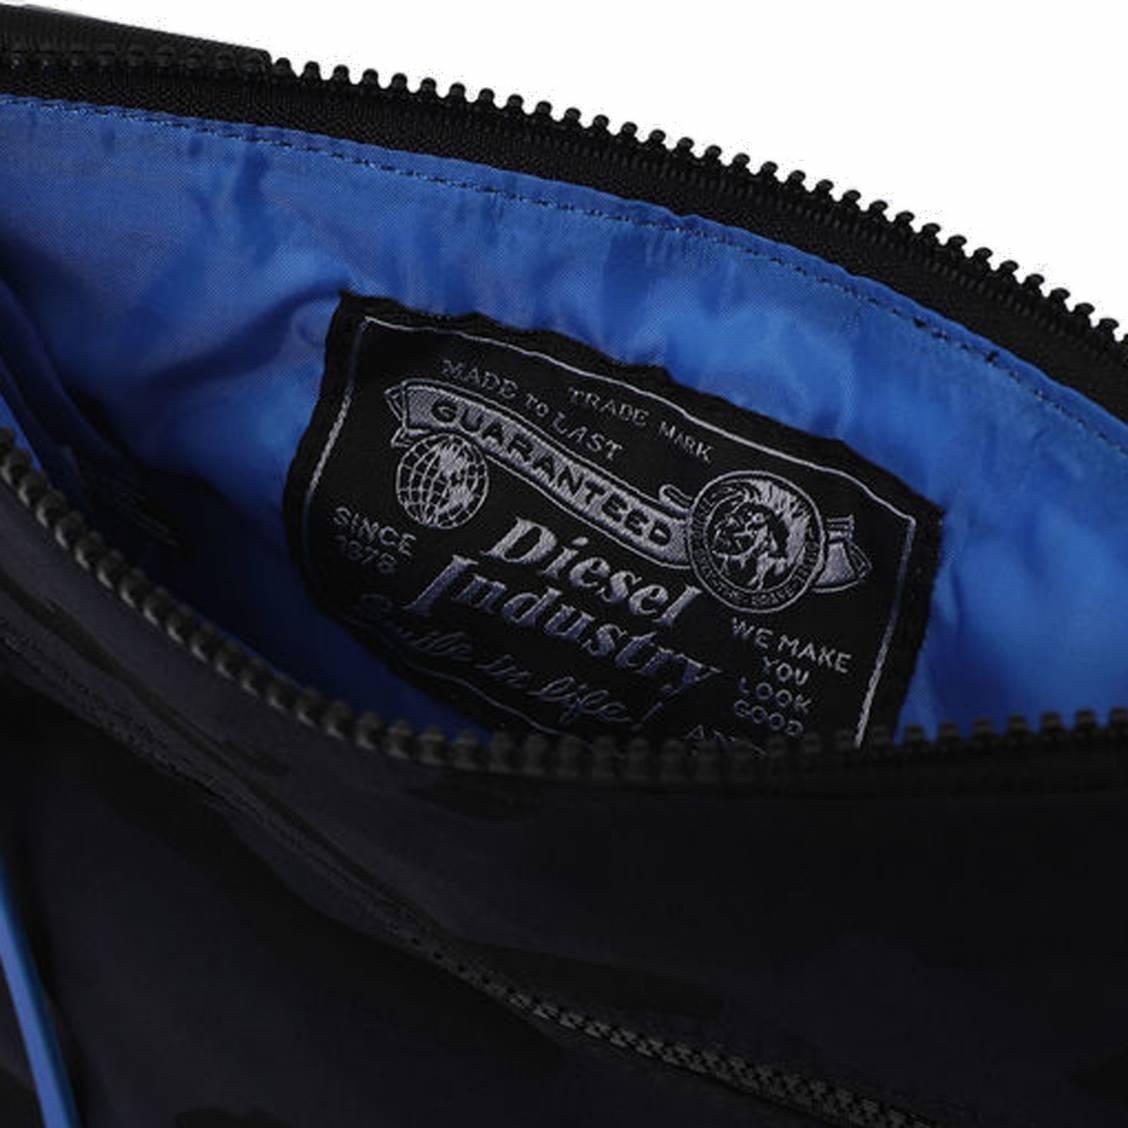 29755a9a01 ... Sacoche Diesel Discover-Uz porté-croisé en toile noire à imprimé  camouflage bleu marine ...